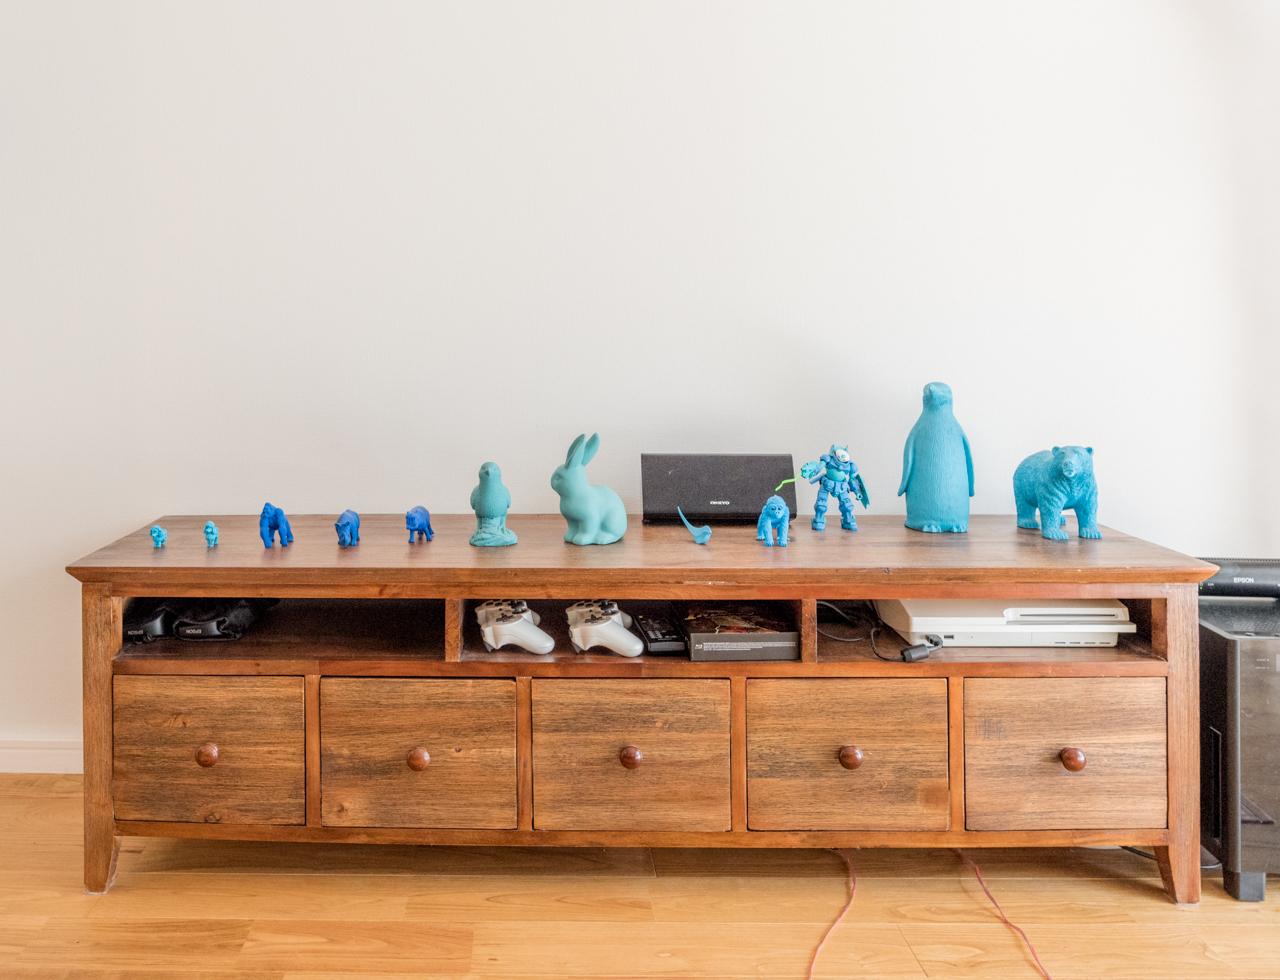 寝室の枕元もそうでしたが、カラフルな中でもブルーが特に目立つ。きけば旦那さんが「青いものが好きで集めちゃう」とのこと。木肌と白い壁にさまざまな色合いのブルーがすごくマッチ。絶妙!